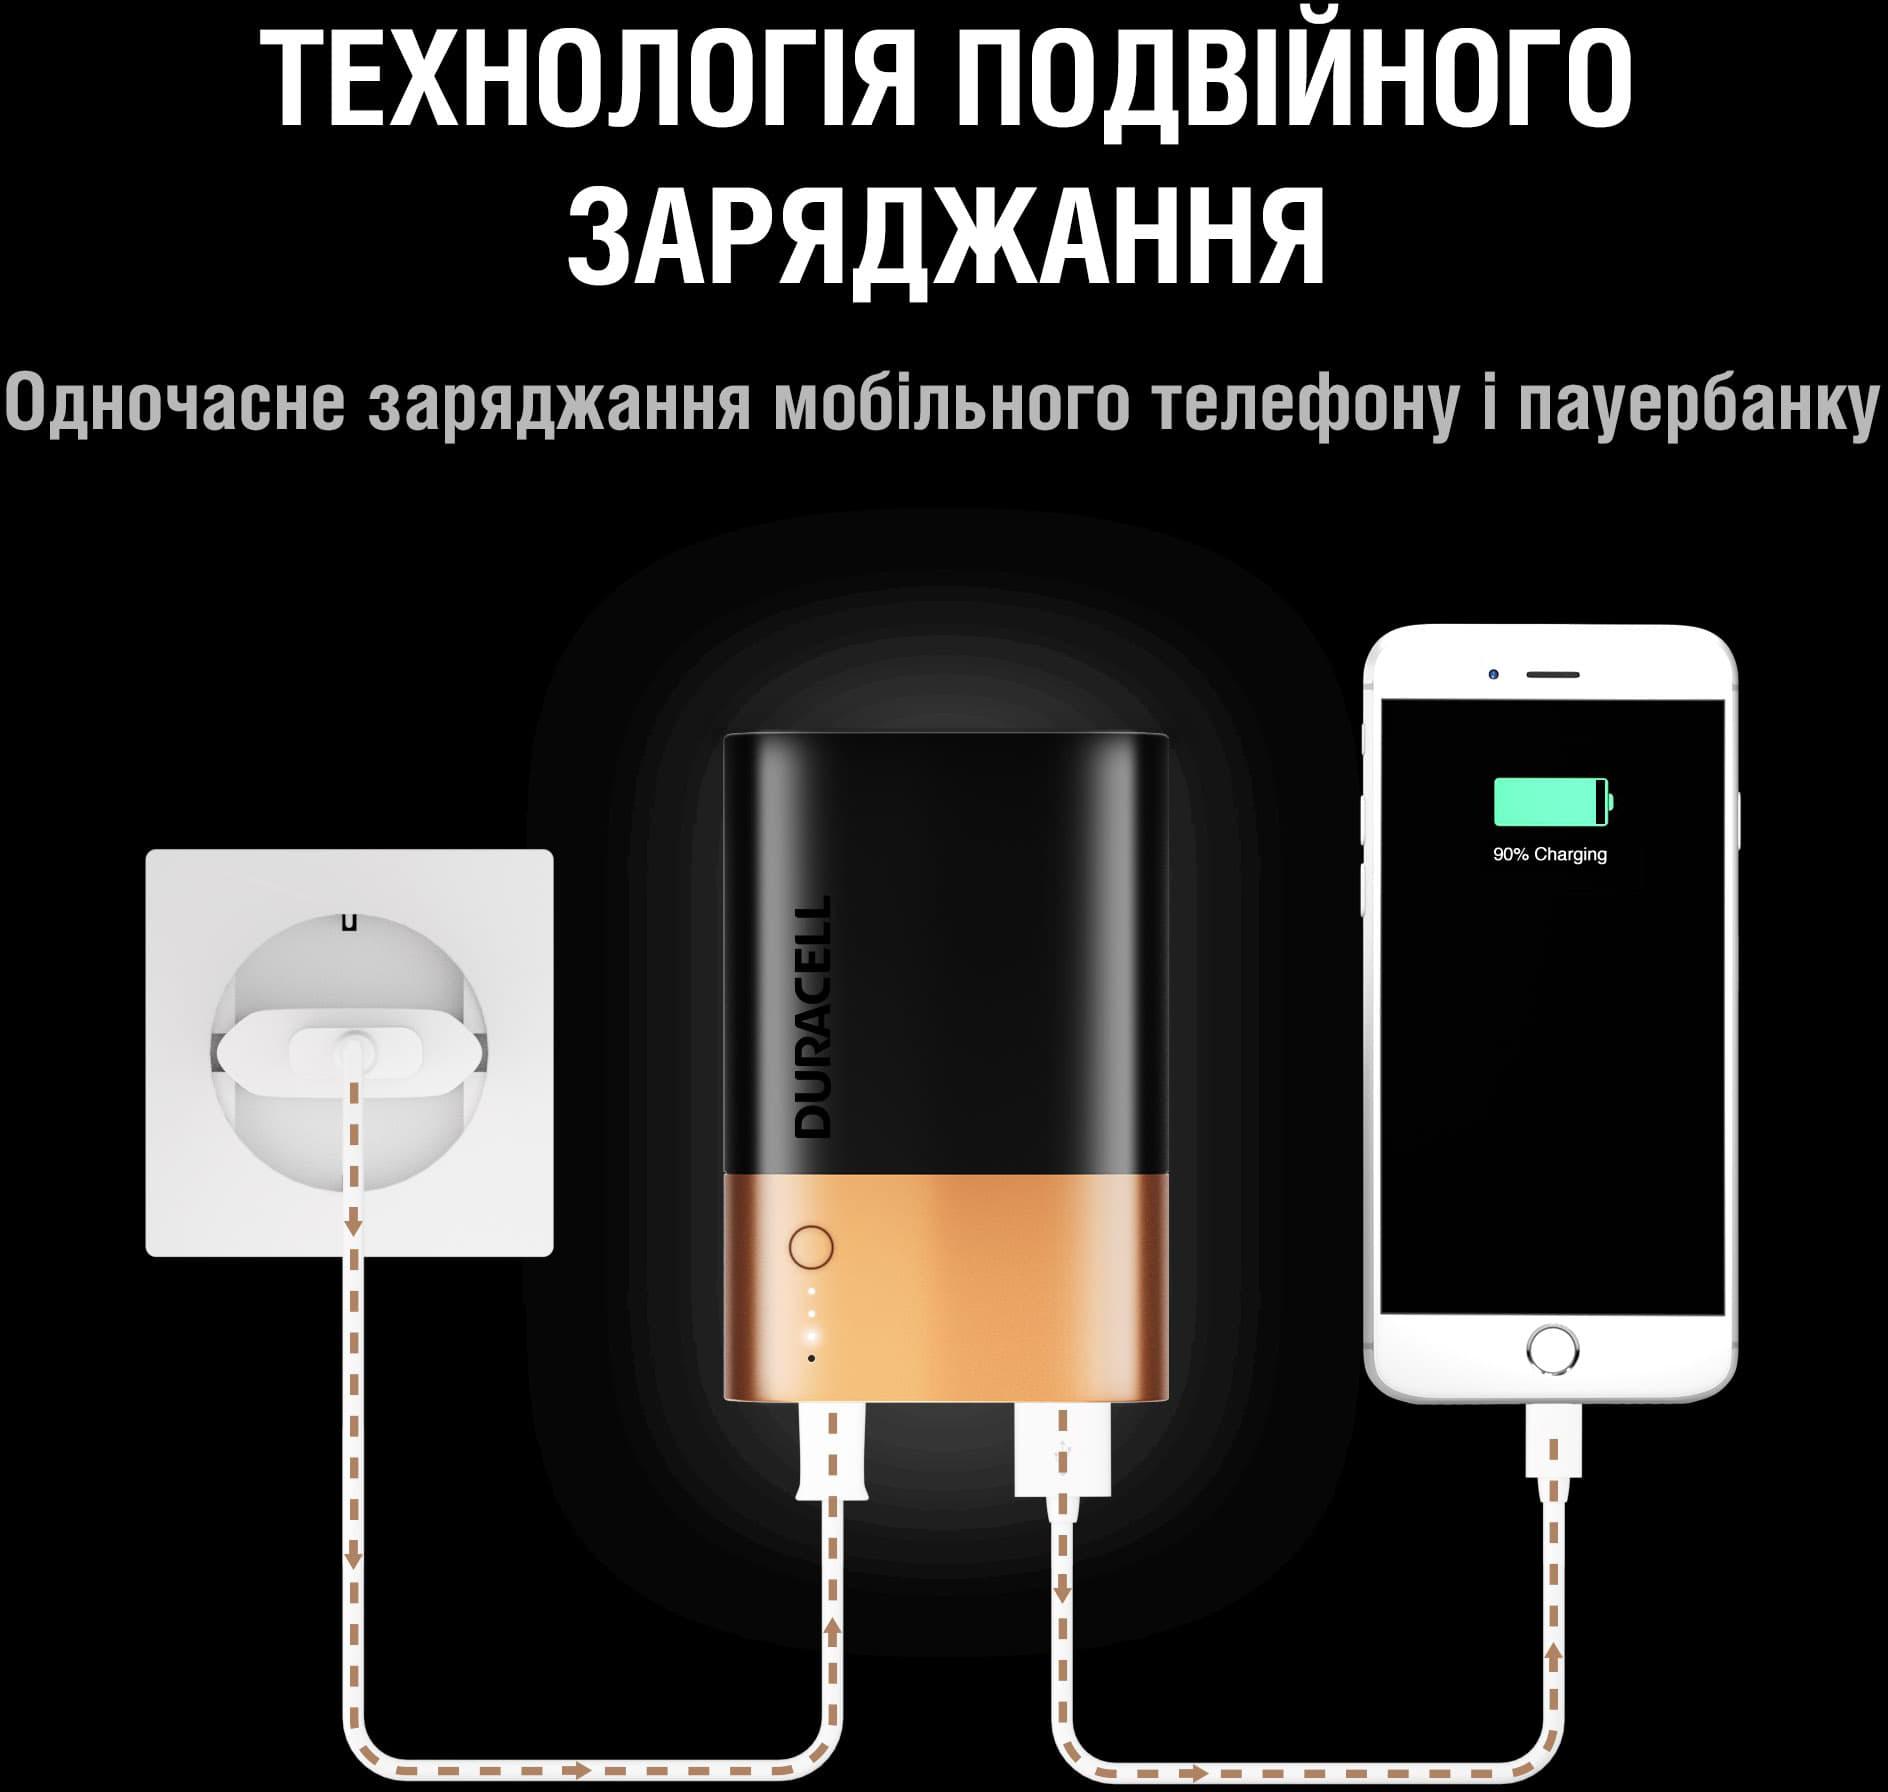 Аккумулятор-зарядка Power bank, емкость 10050мАч, выход 2,4А - 2 USB, вход - microUSB Duracell - фото 6